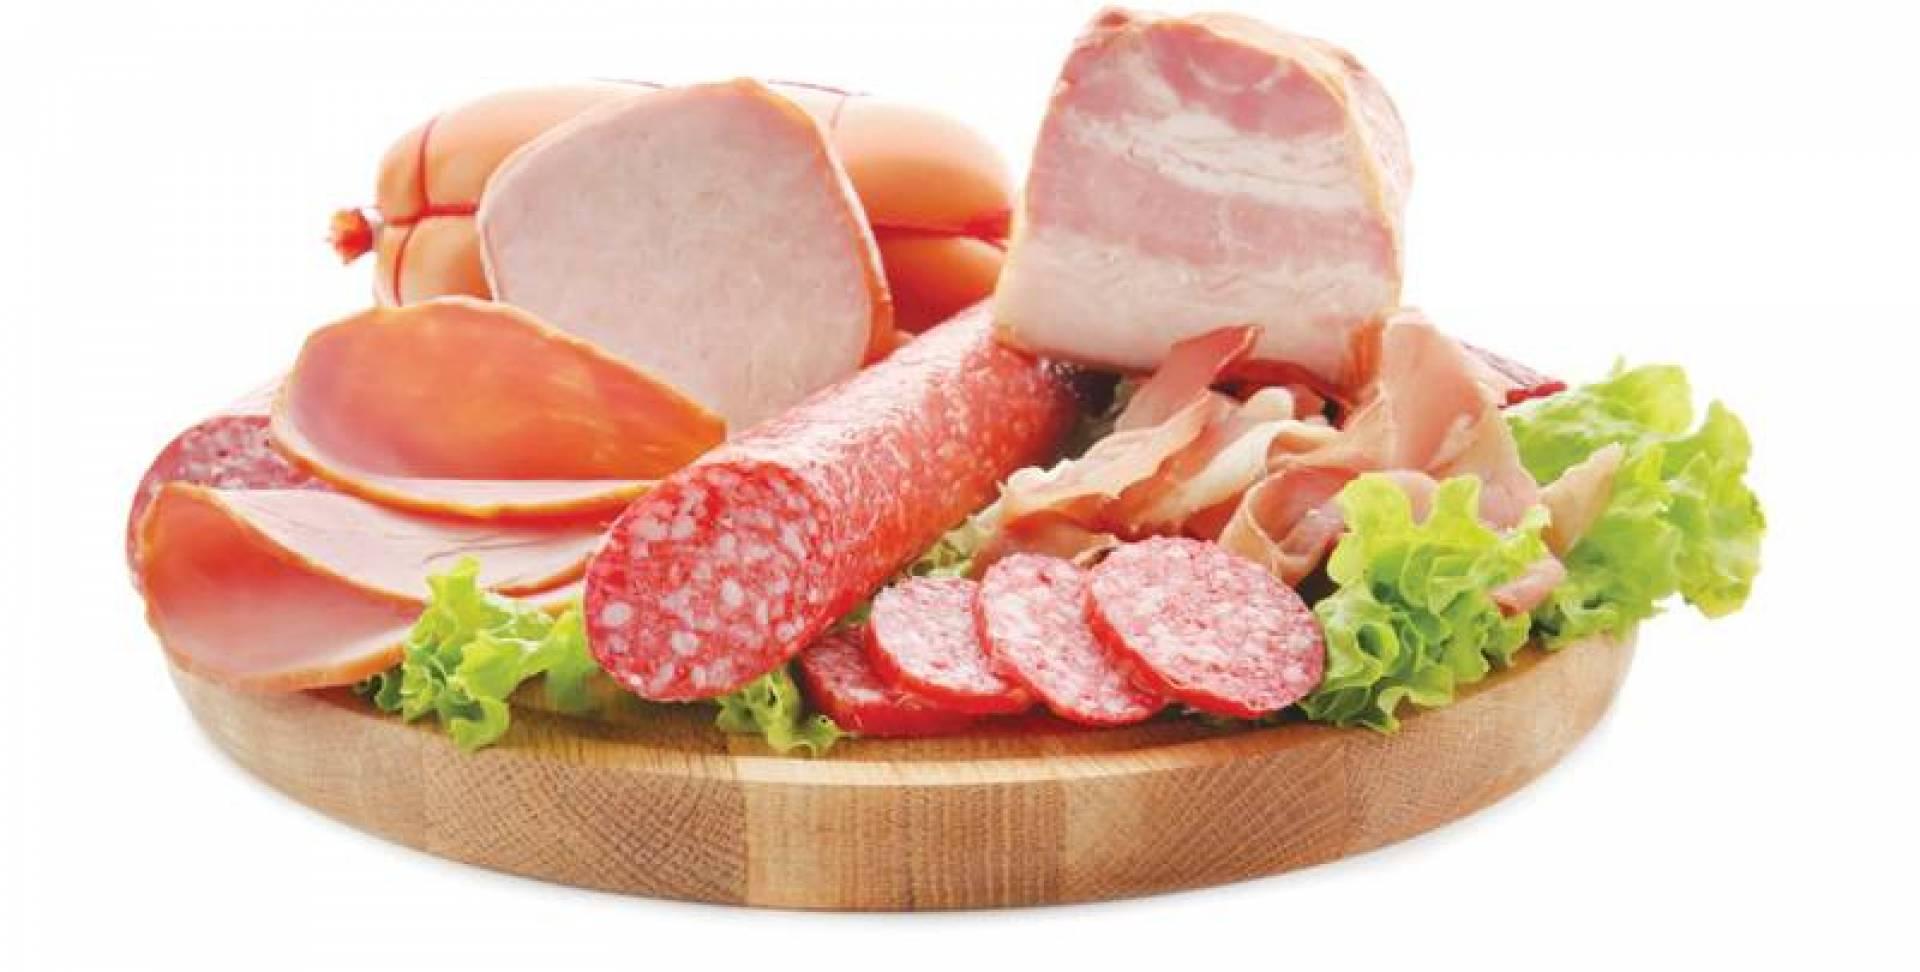 الإفراط في اللحوم الحمراء و«المُصنَّعة» يؤدي للسرطان